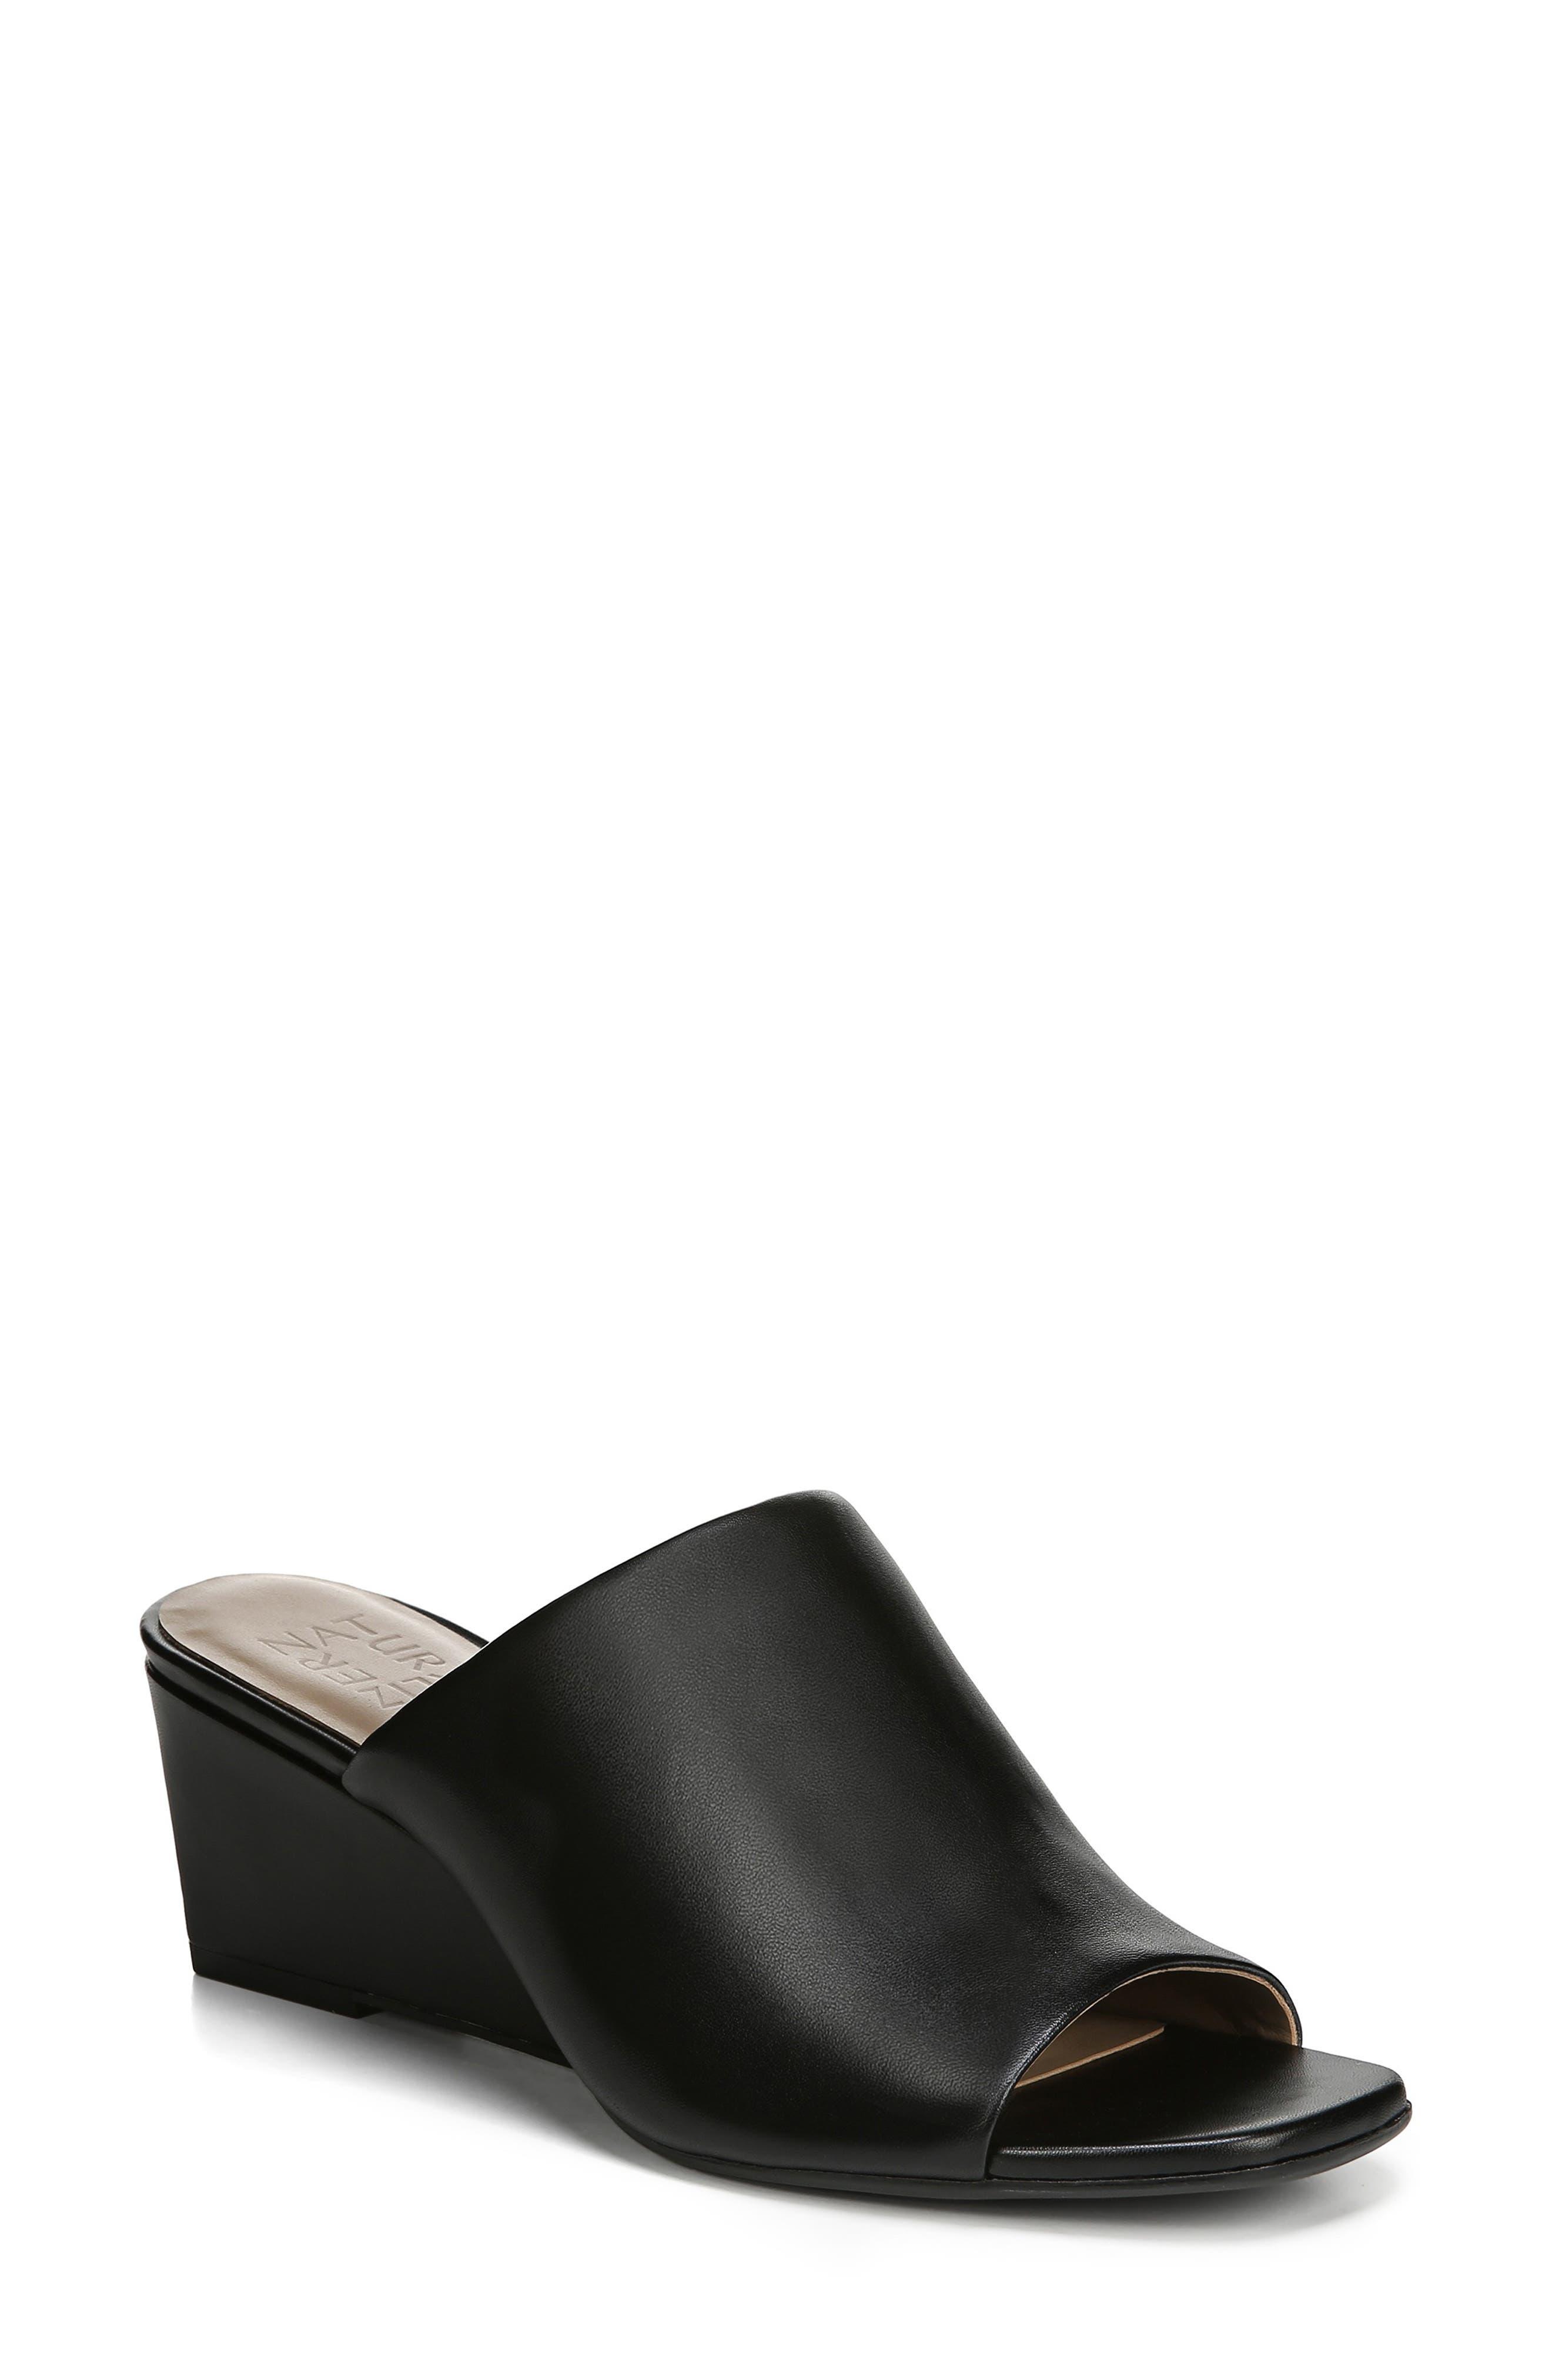 Zaya Wedge Slide Sandal, Main, color, BLACK LEATHER